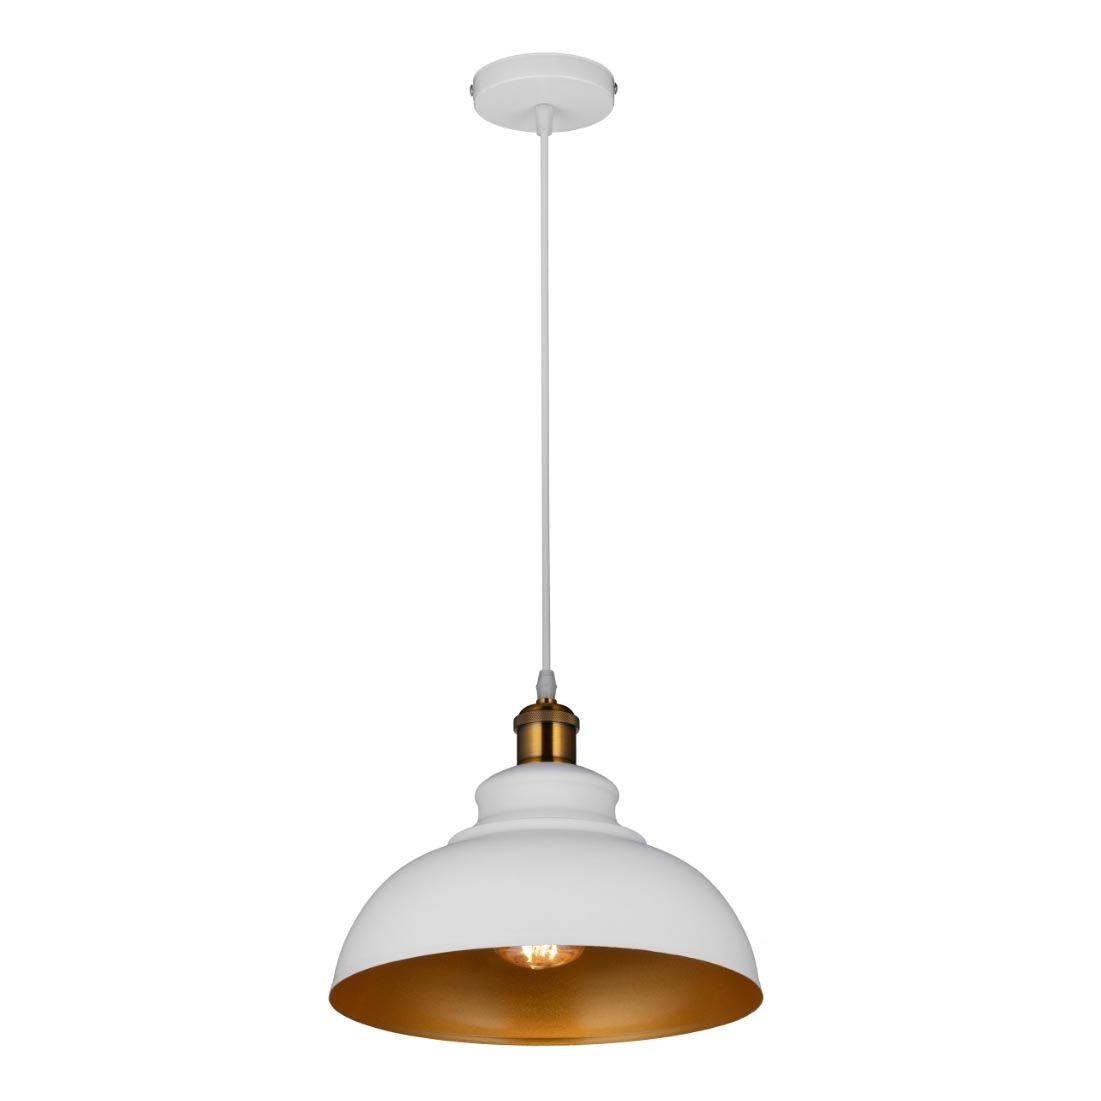 Светильник Lumina Deco LDP 6858 WT+GD Boggi